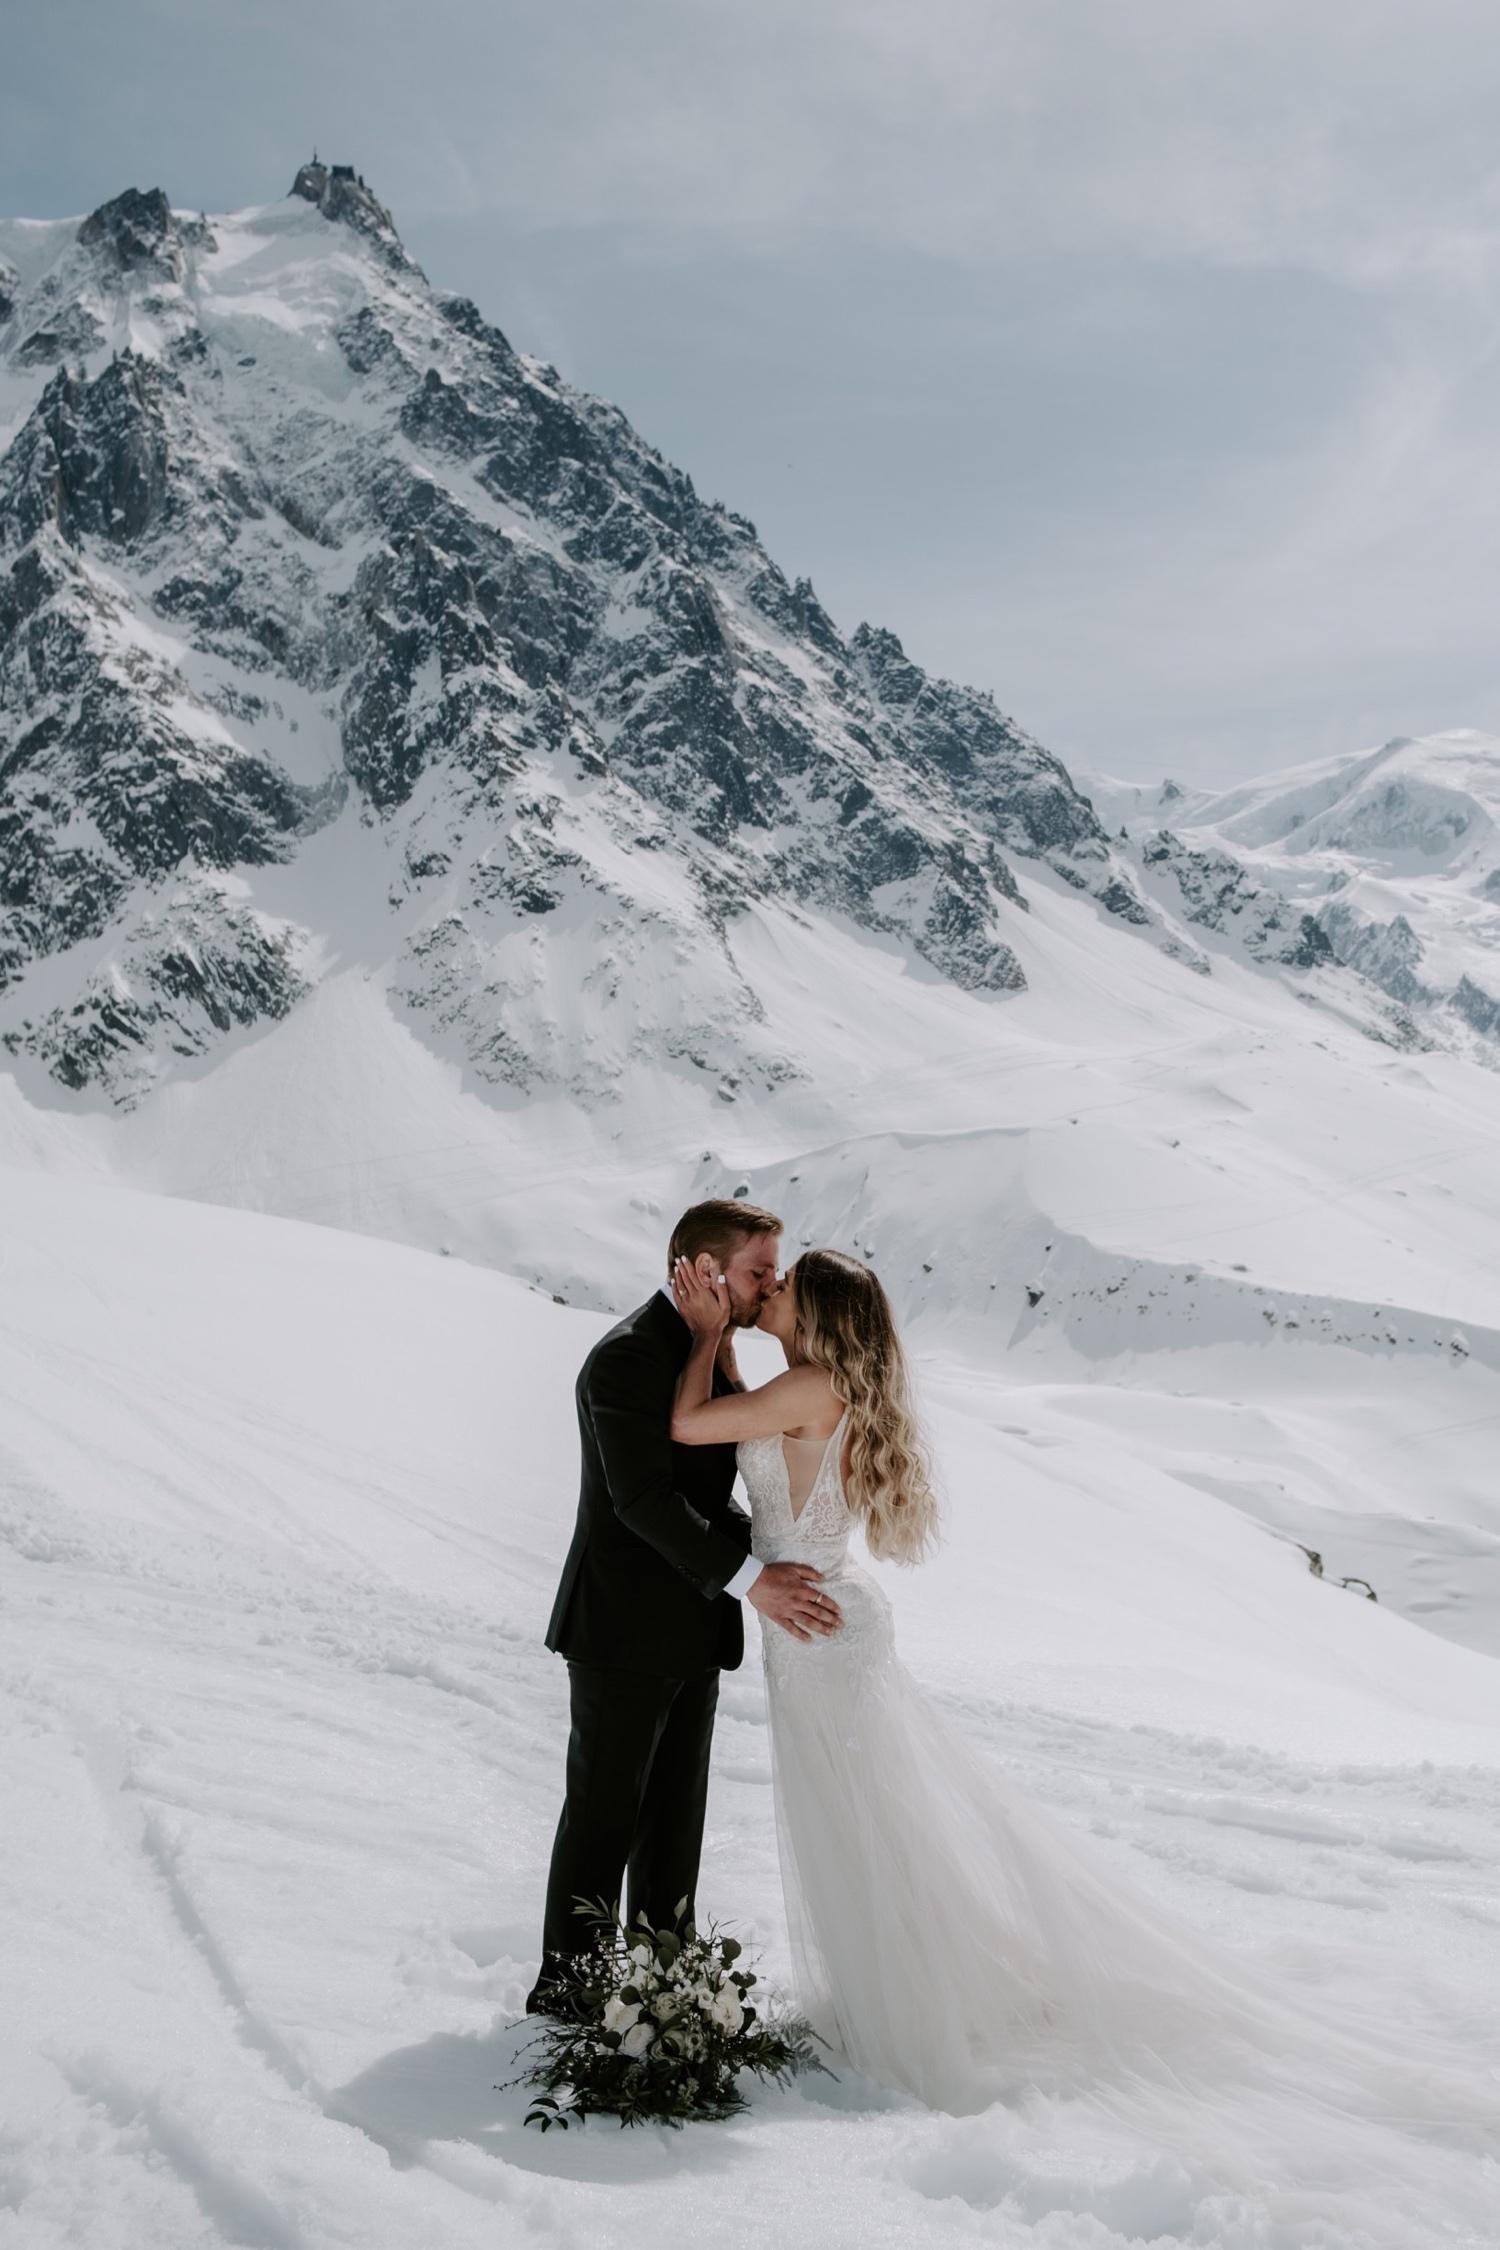 Chamonix-France-Elopement-Destination-Elopement-Photographer-18.jpg